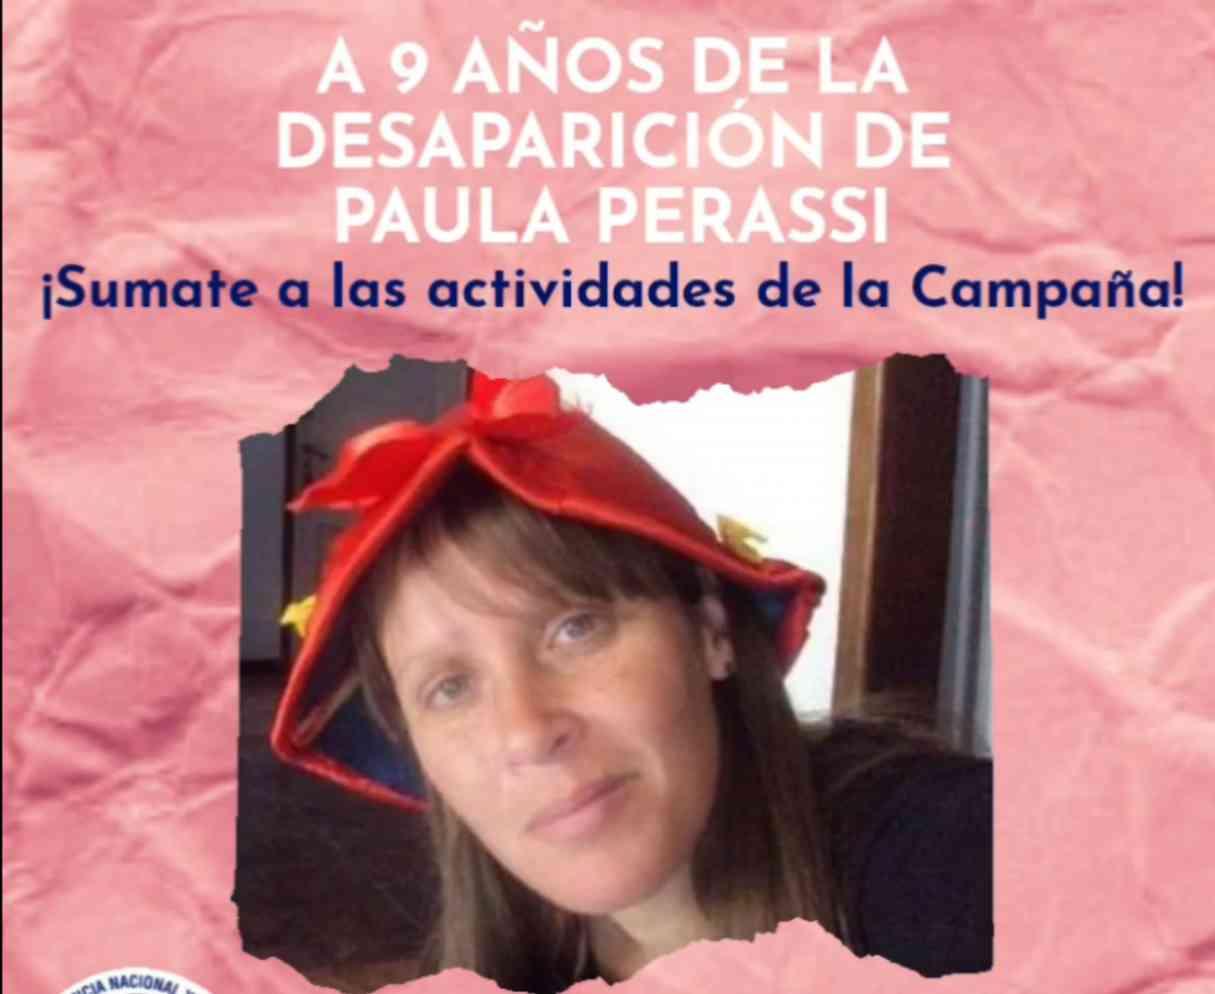 El viernes se realizará un ruidazo en las redes, a 9 años de la desaparición de Paula Perassi